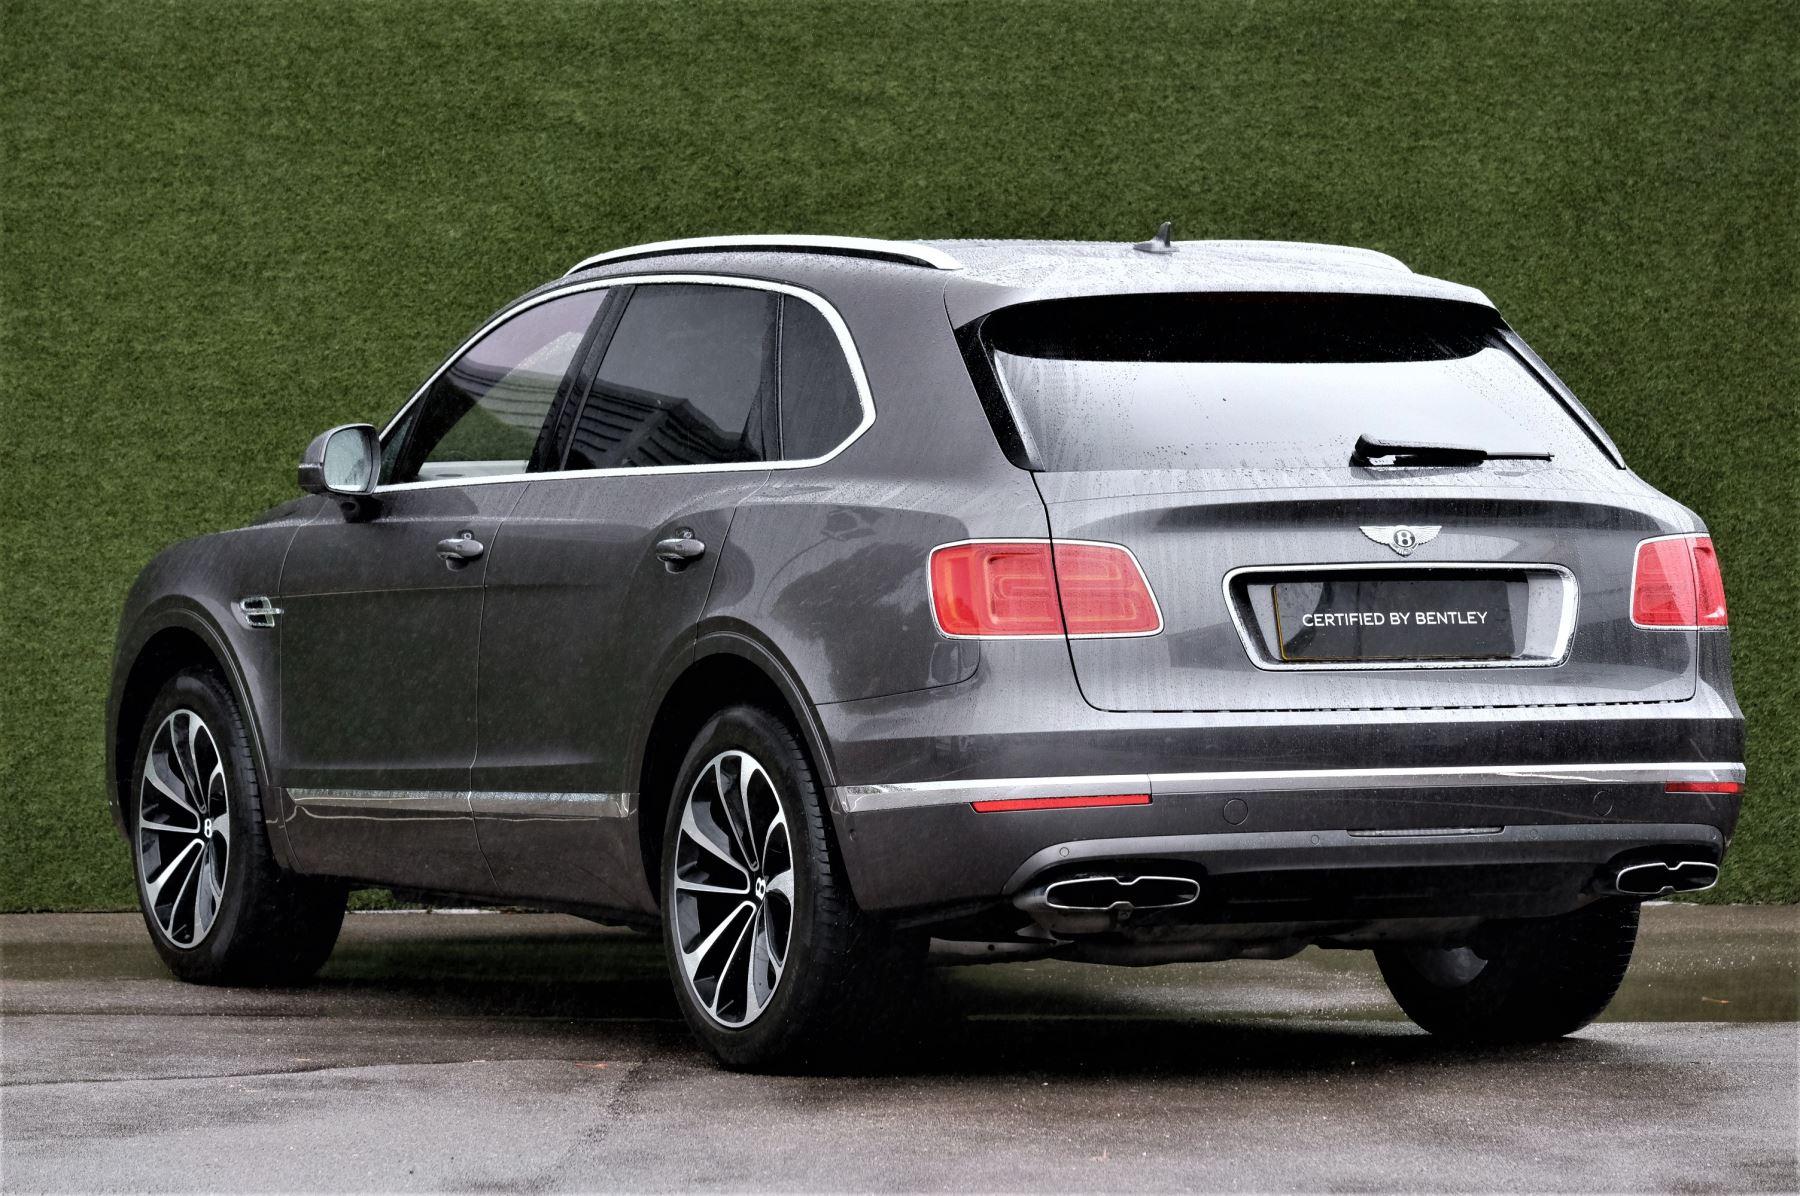 Bentley Bentayga 4.0 V8 5dr - Mulliner Driving Specification image 5